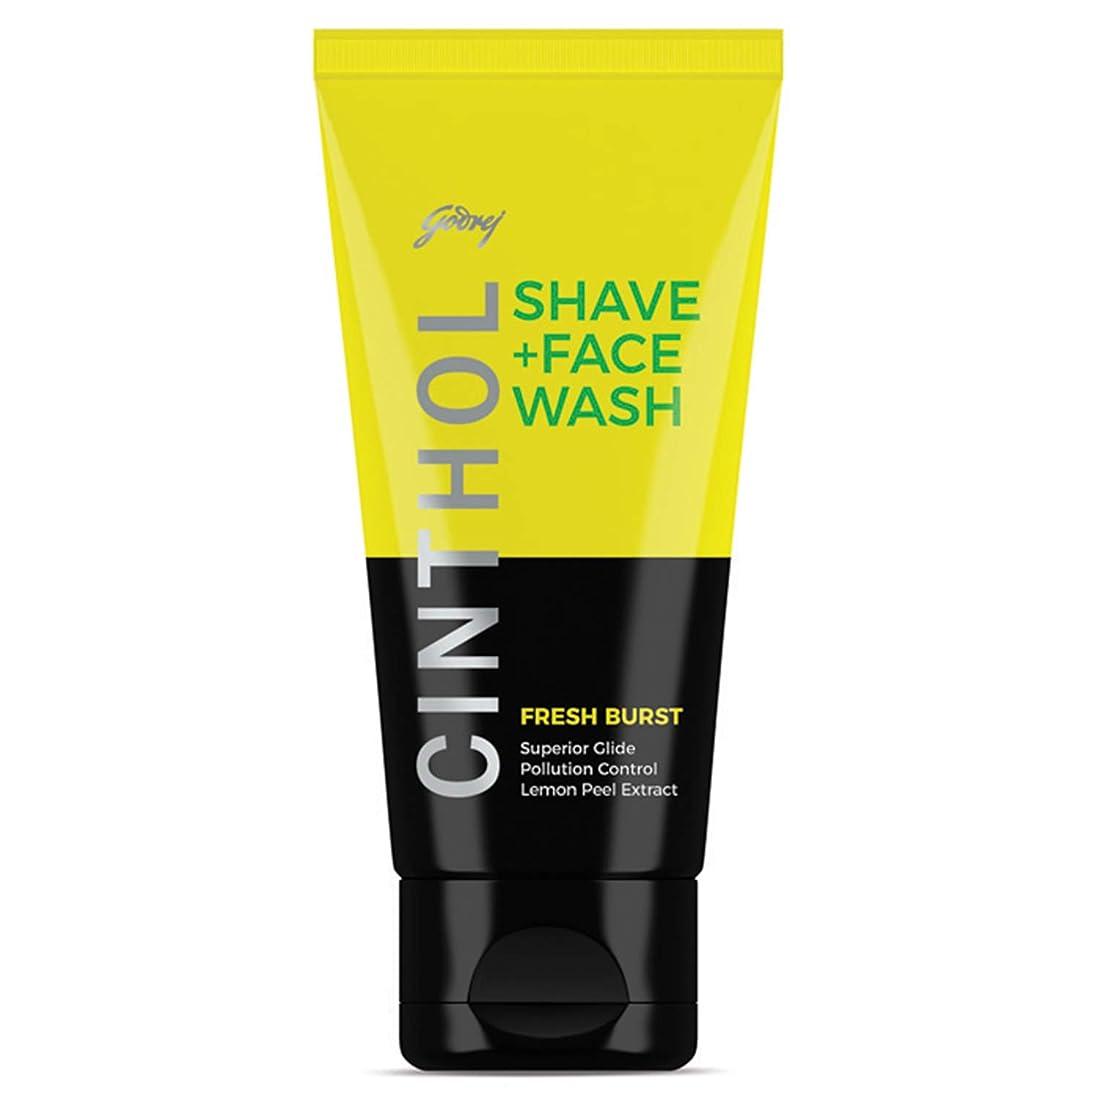 対象ファン暴力的なCinthol Fresh Burst Shaving + Face Wash, 50g